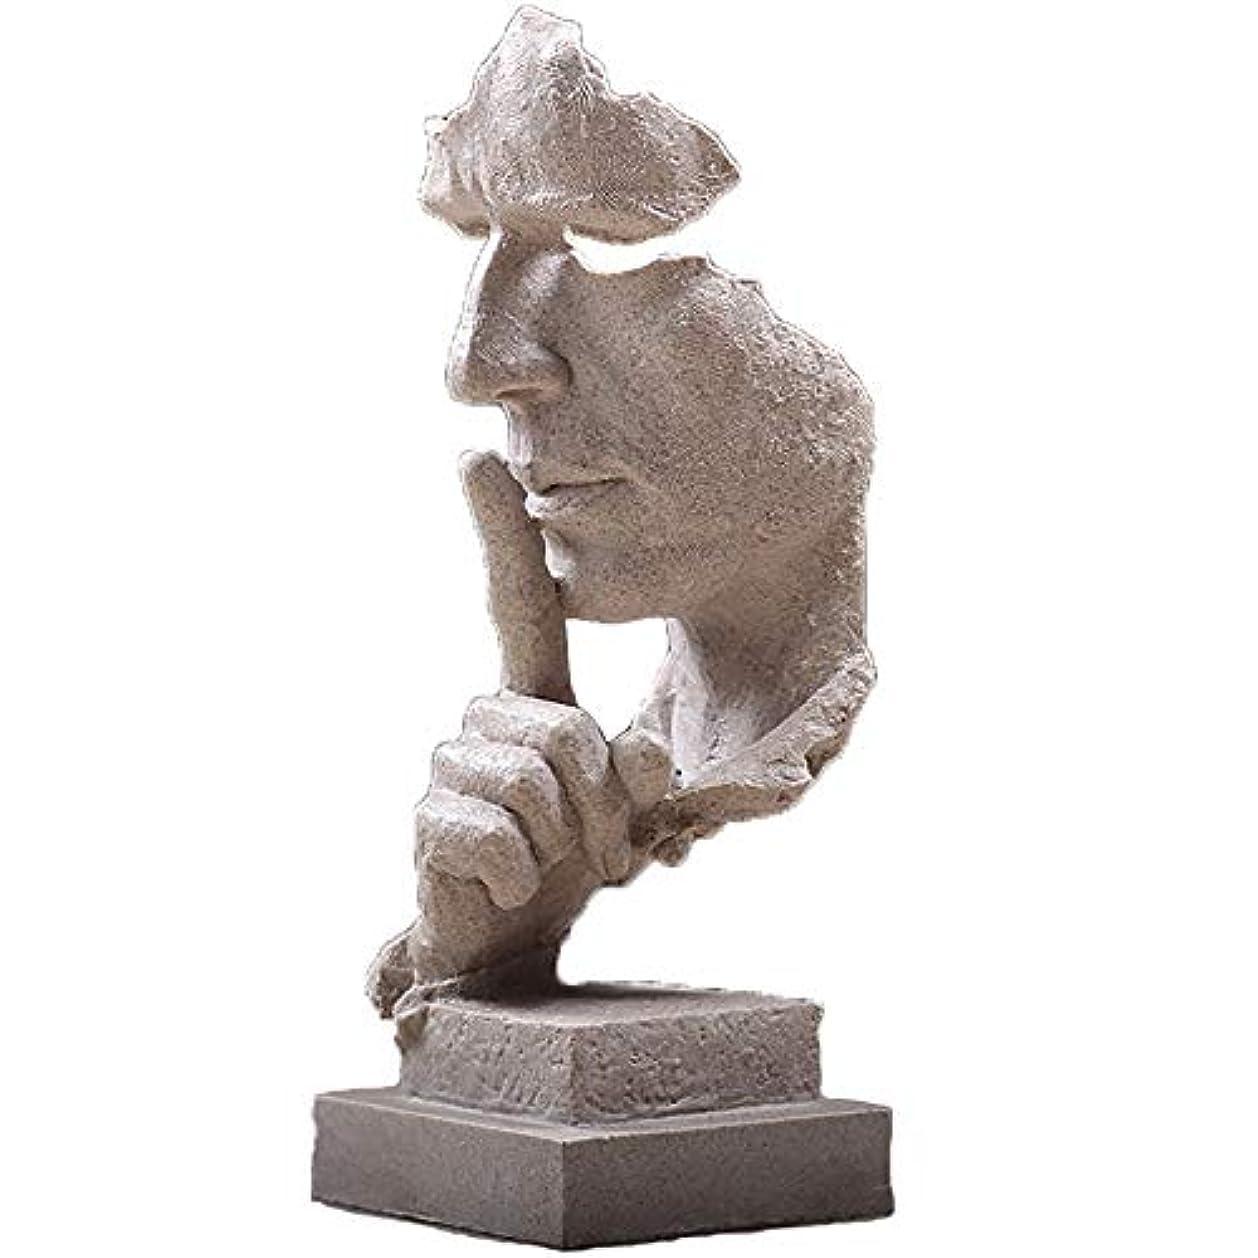 雇用廃止メガロポリス樹脂抽象彫刻沈黙はゴールデン男性像キャラクター工芸品装飾用オフィスリビングルームアートワーク,White